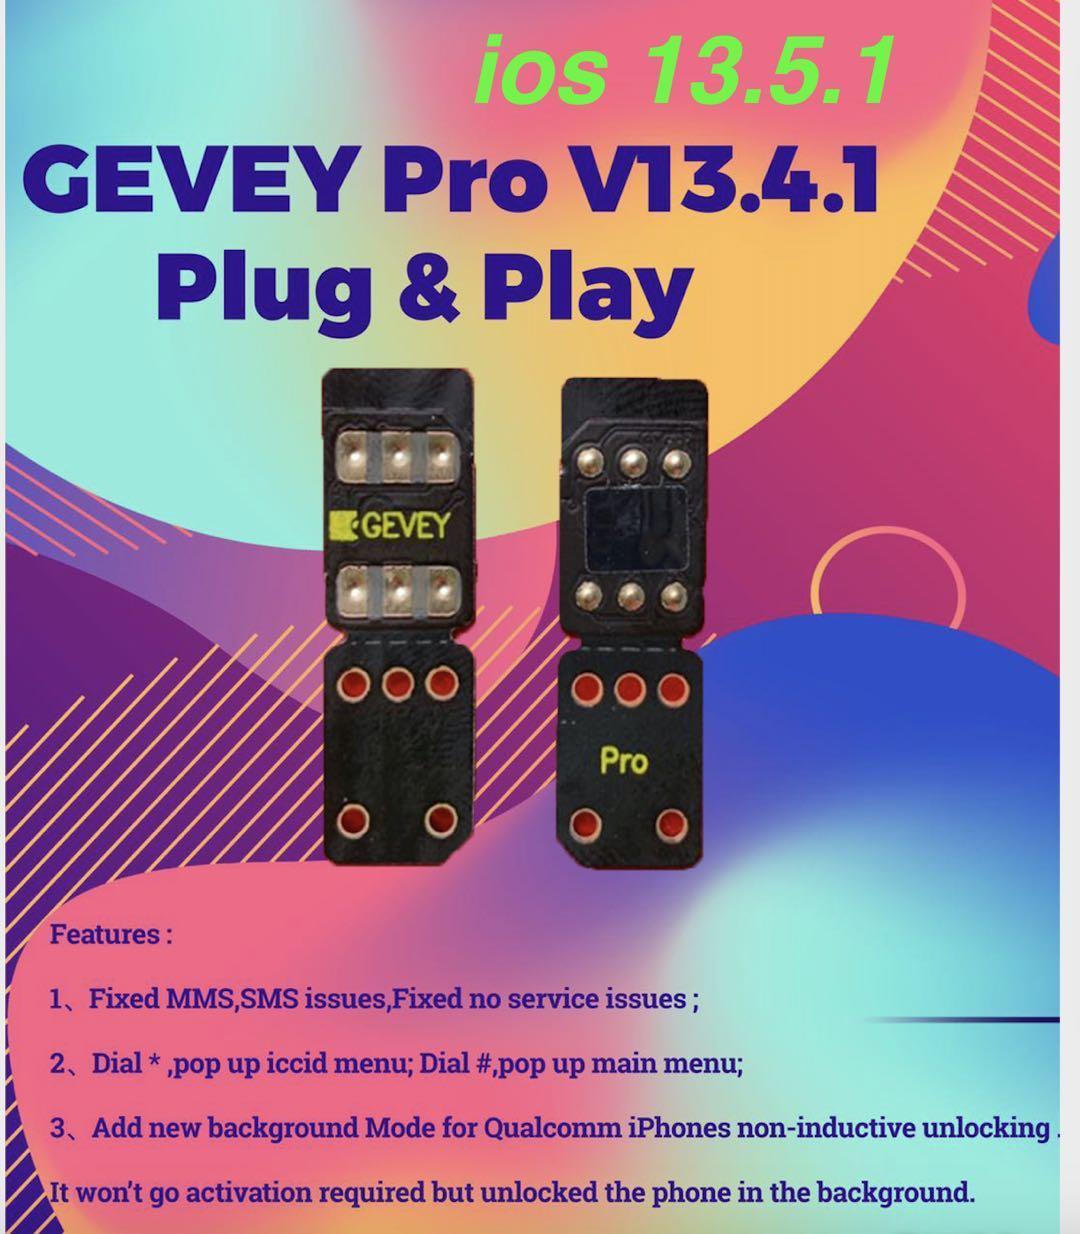 Worldly perfetta GEVEY pro V13.4.1 di chip aggiornabile sim sbloccare iOS 13.5.1card sblocco iphone11 Pro X xs max XR max iphone8 7 6 più SE2